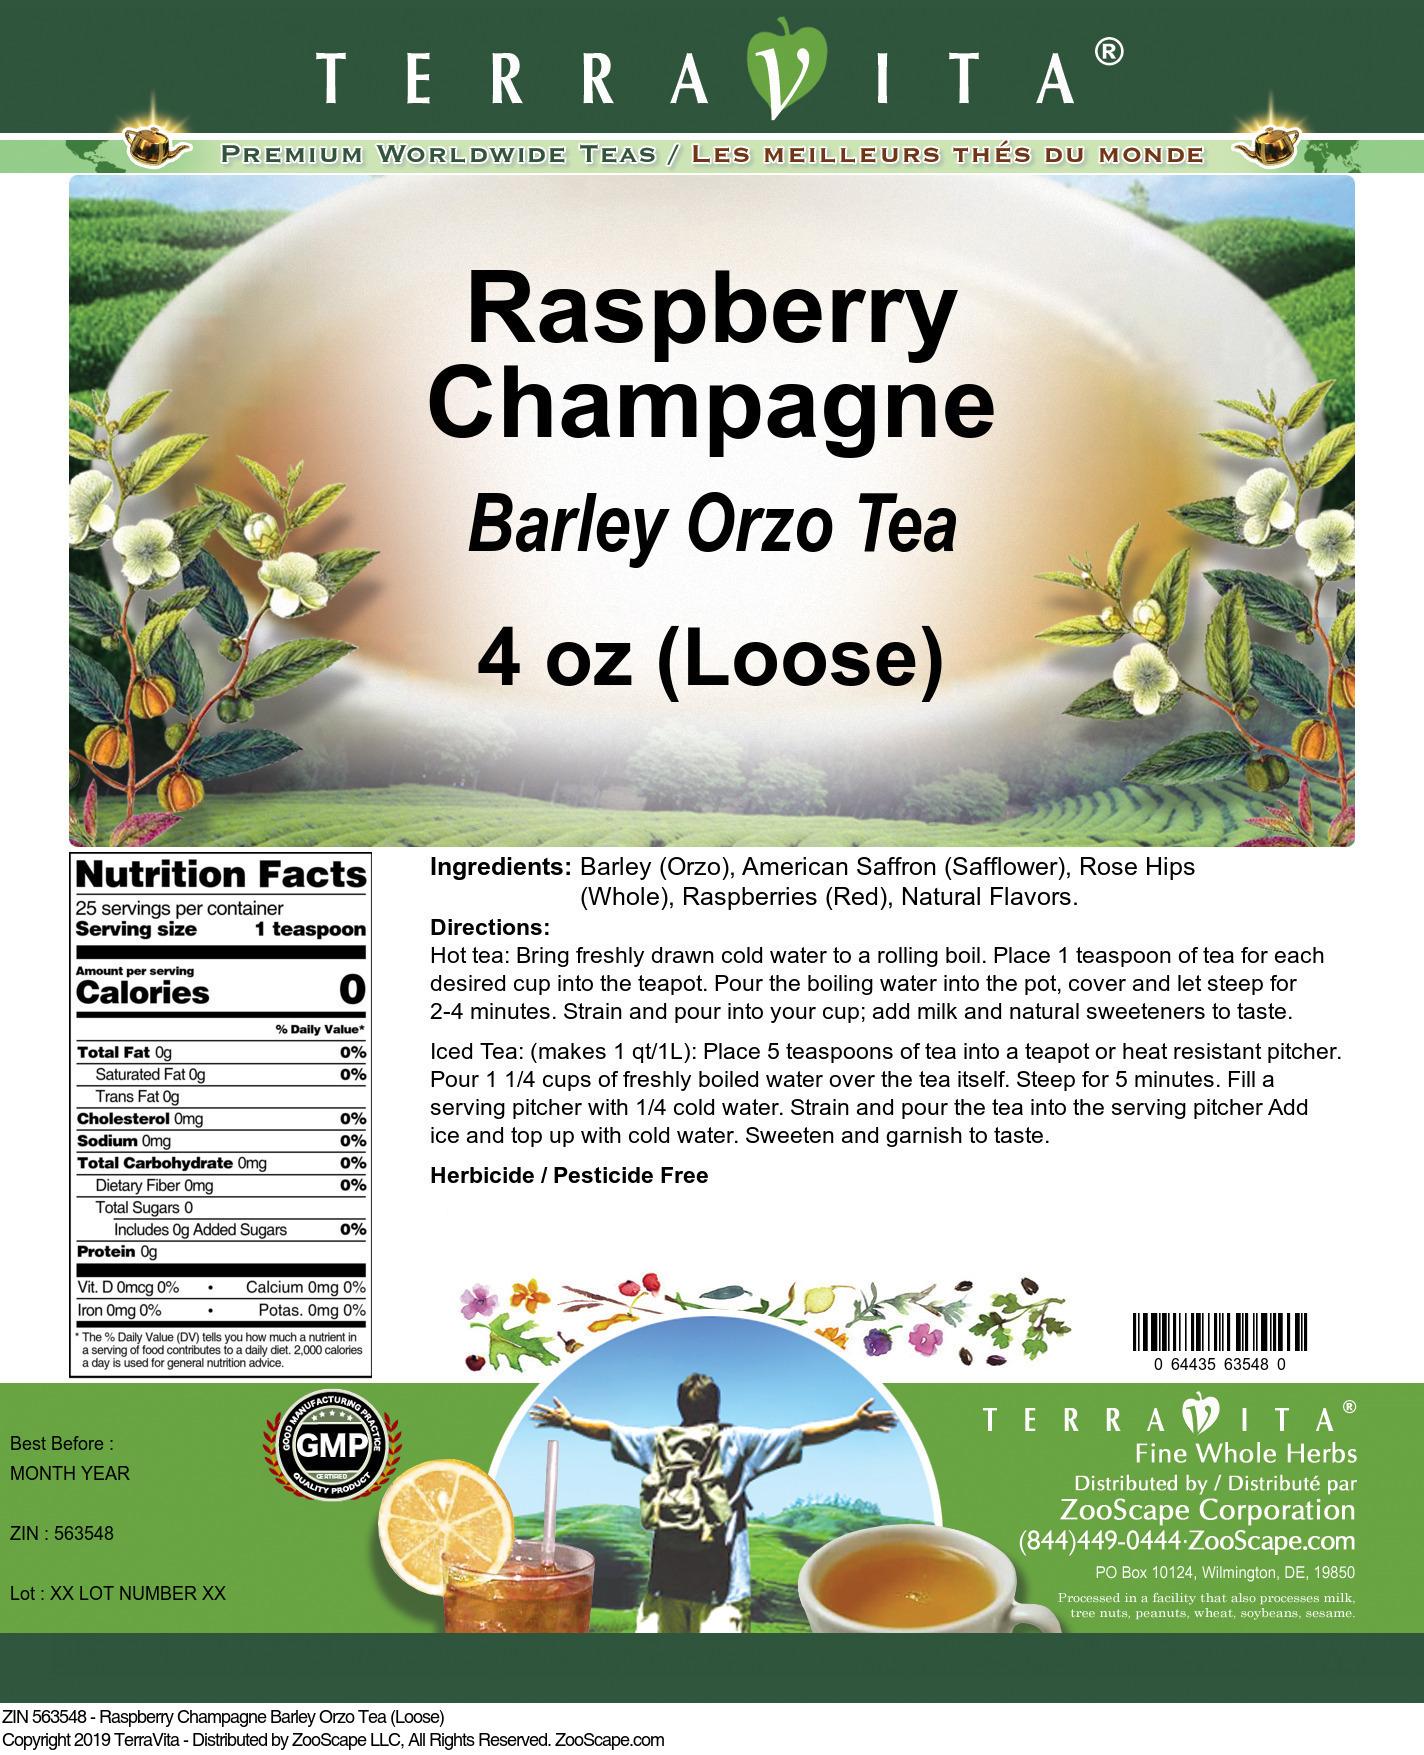 Raspberry Champagne Barley Orzo